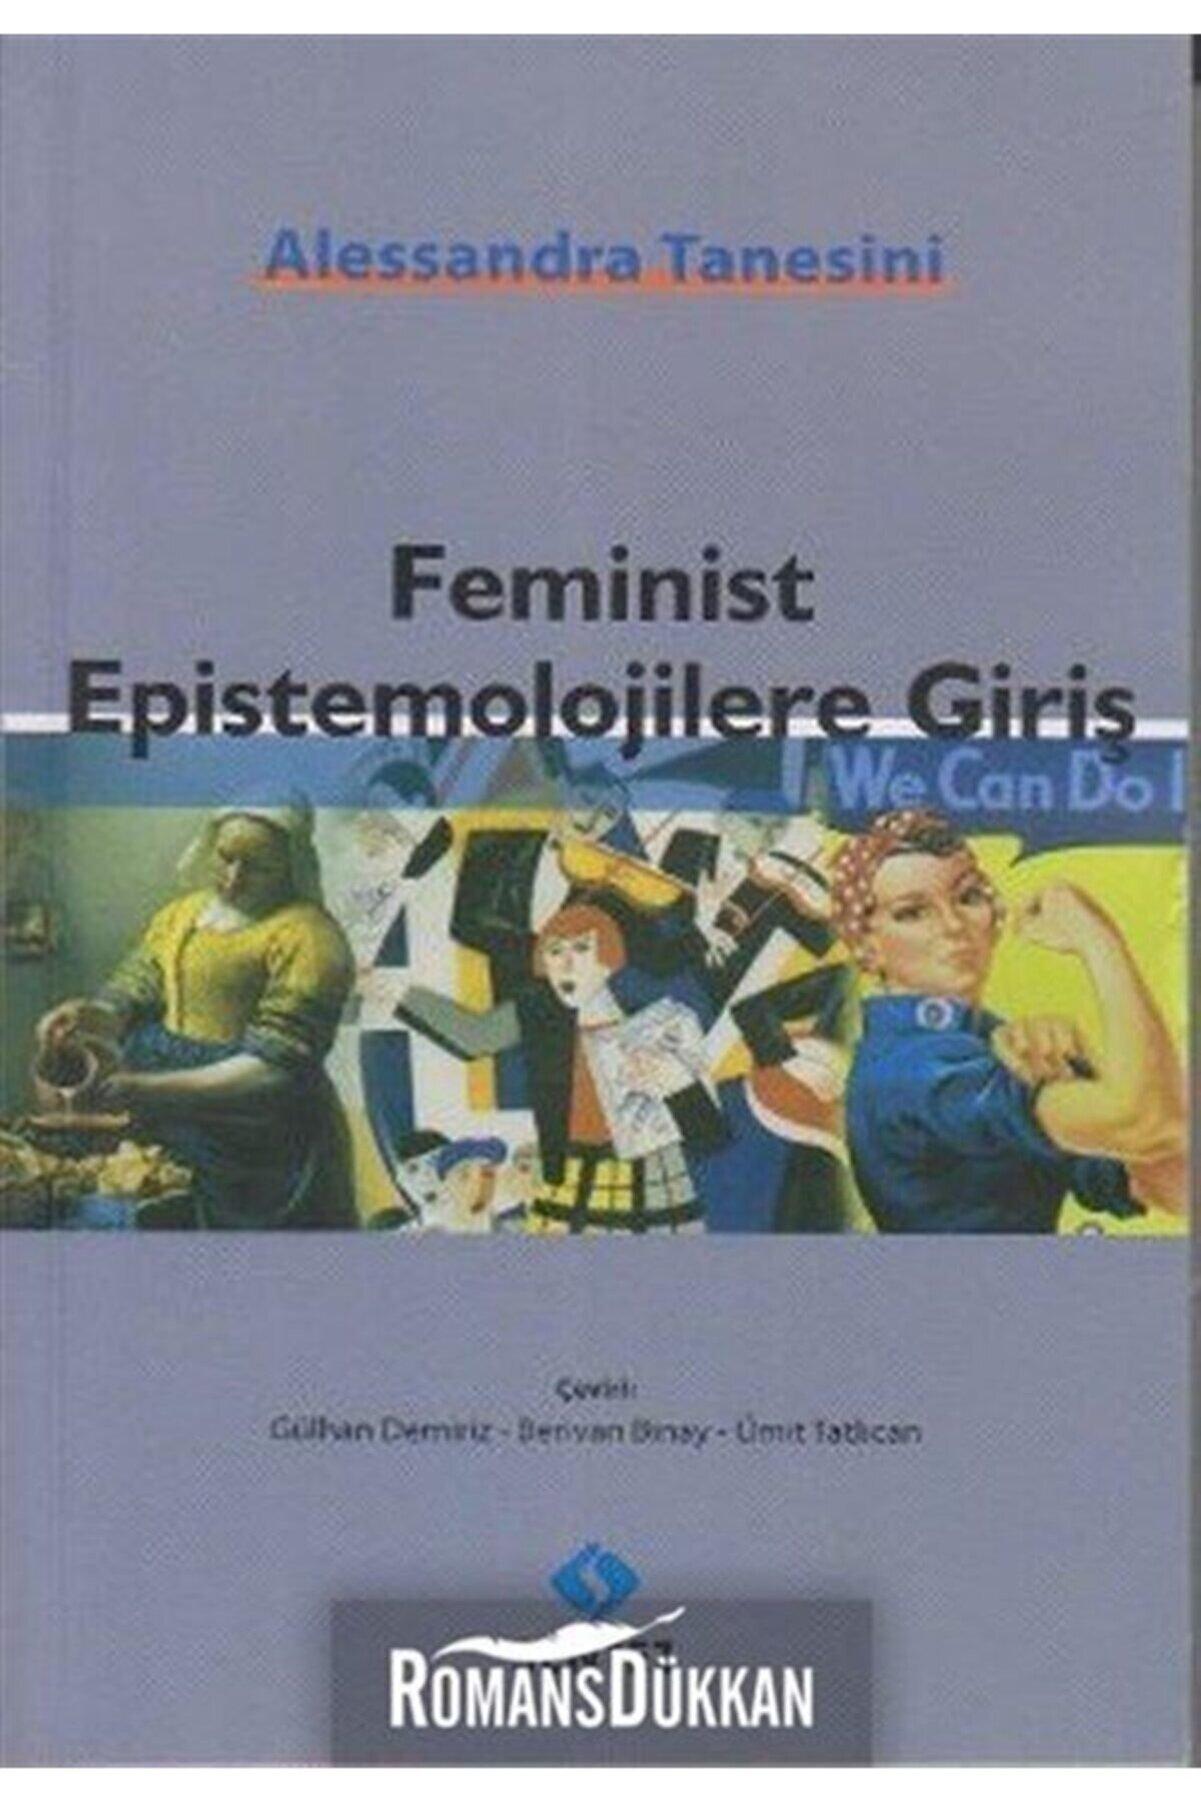 Sentez Yayınları Feminist Epistemolojilere Giriş